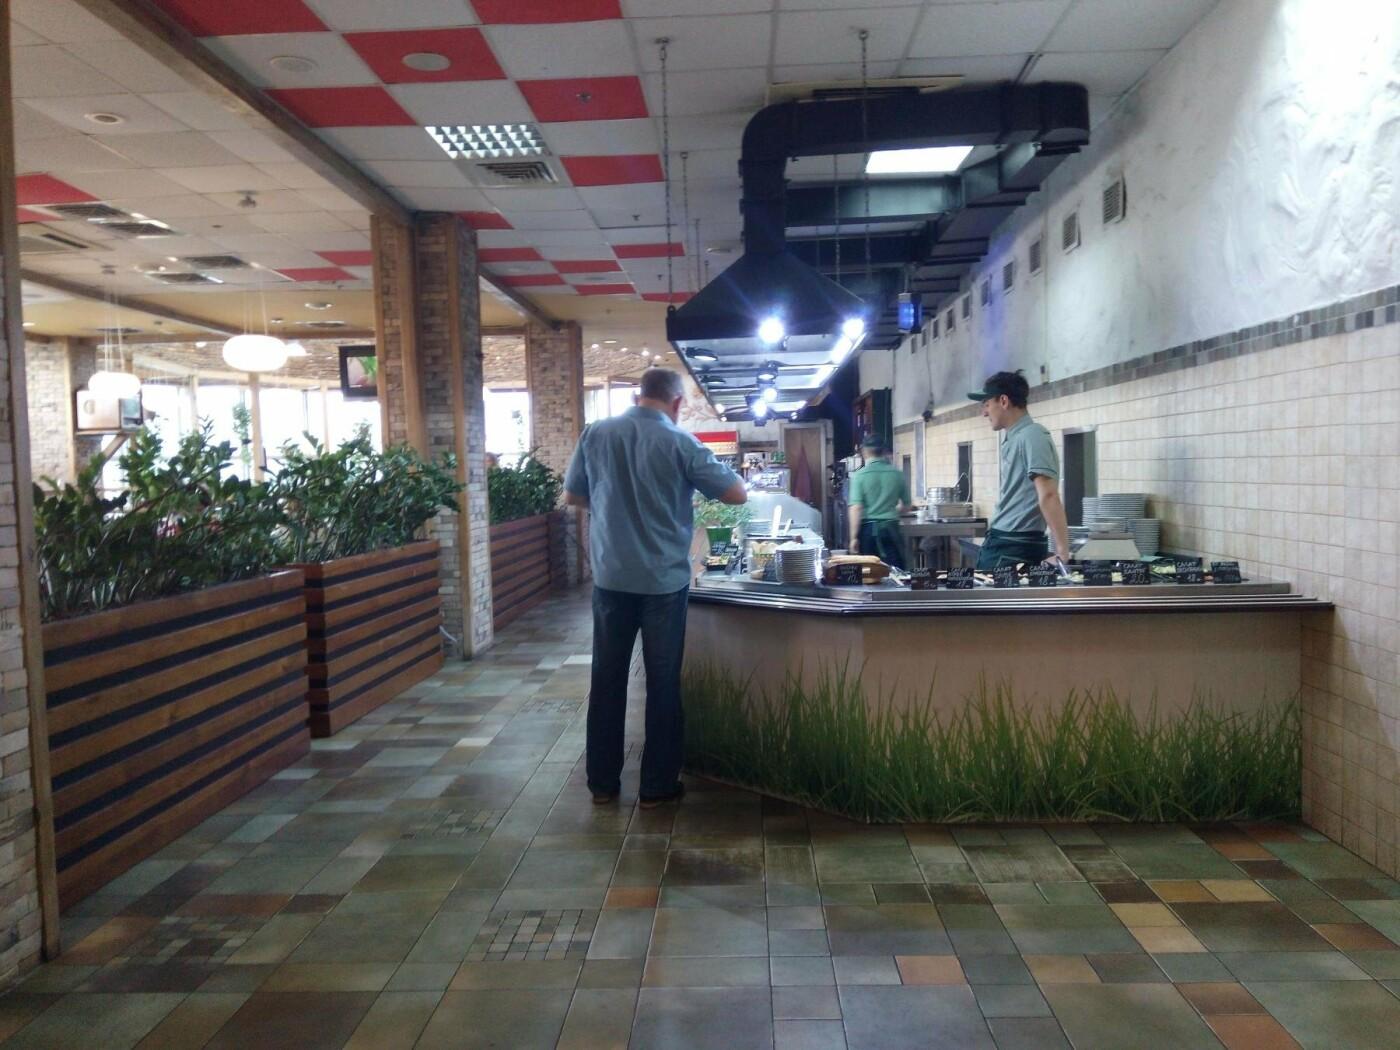 """Грязно и холодные блюда, но дешево: проверили ресторан """"Дрова"""" на Привокзальной, фото-17"""